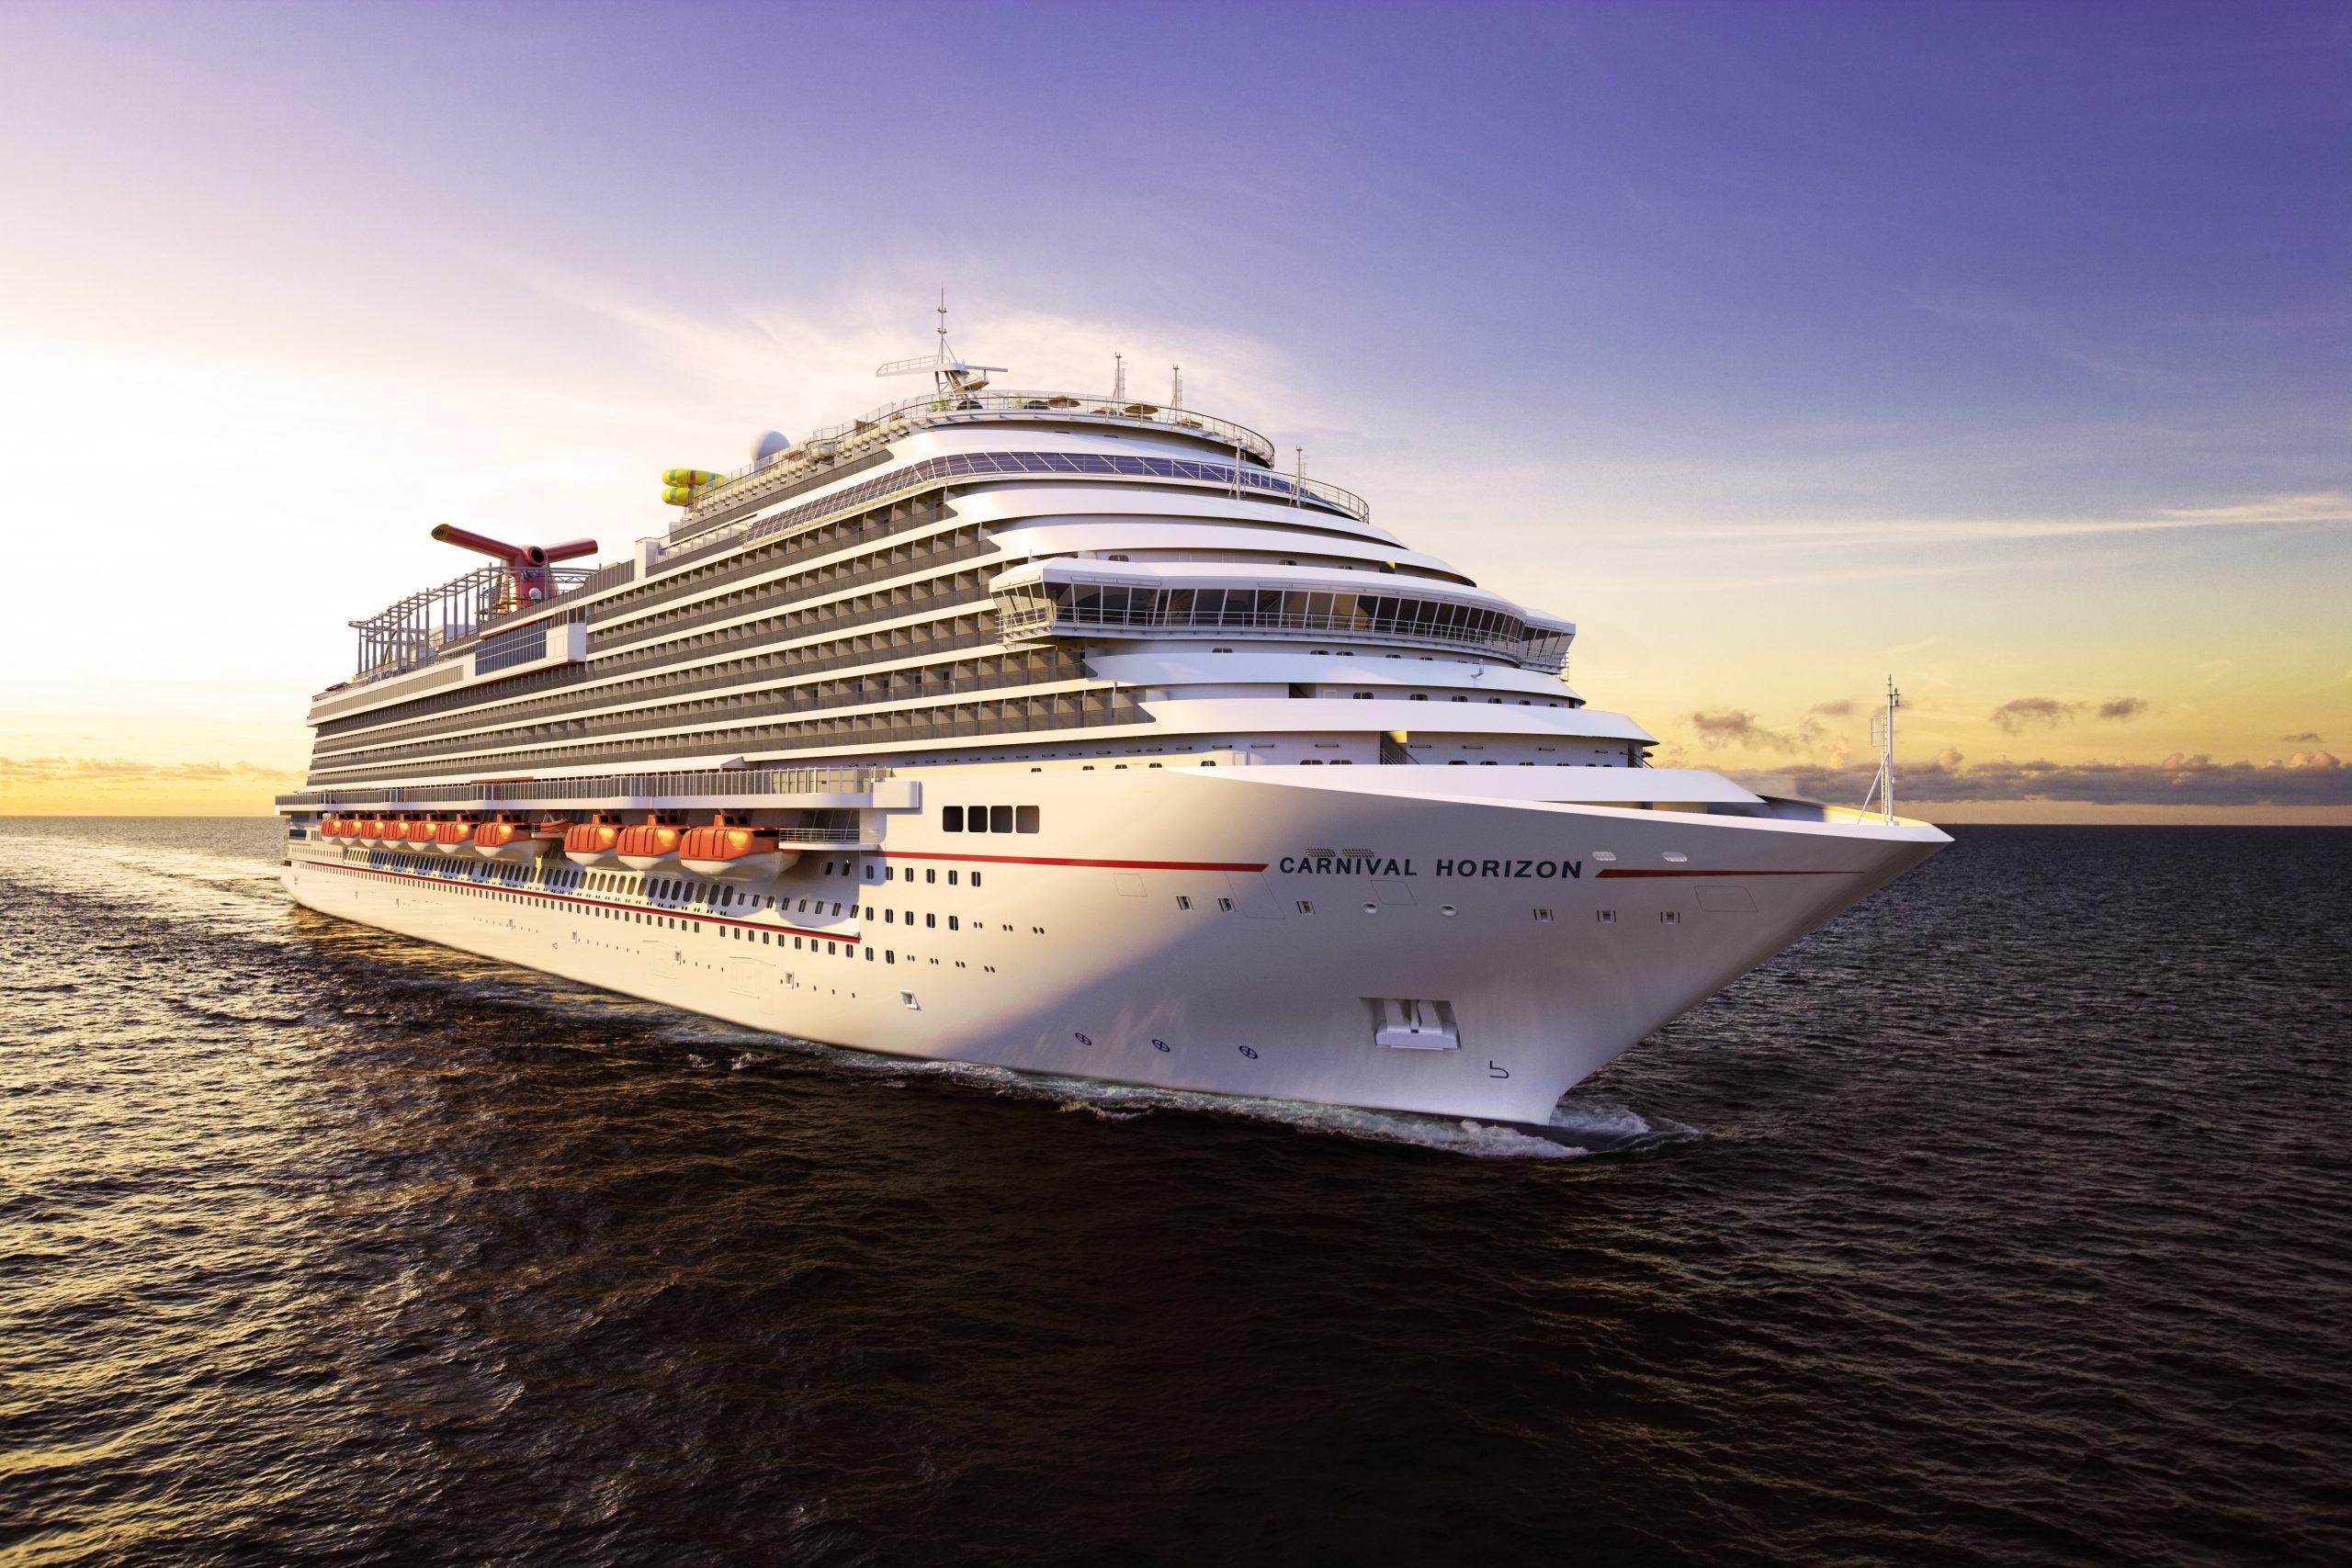 Carnival Cruise Line will am 1. August den ausgesetzten Kreuzfahrtbetrieb schrittweise wieder aufnehmen, erst einmal mit acht ihrer insgesamt 28 Schiffe